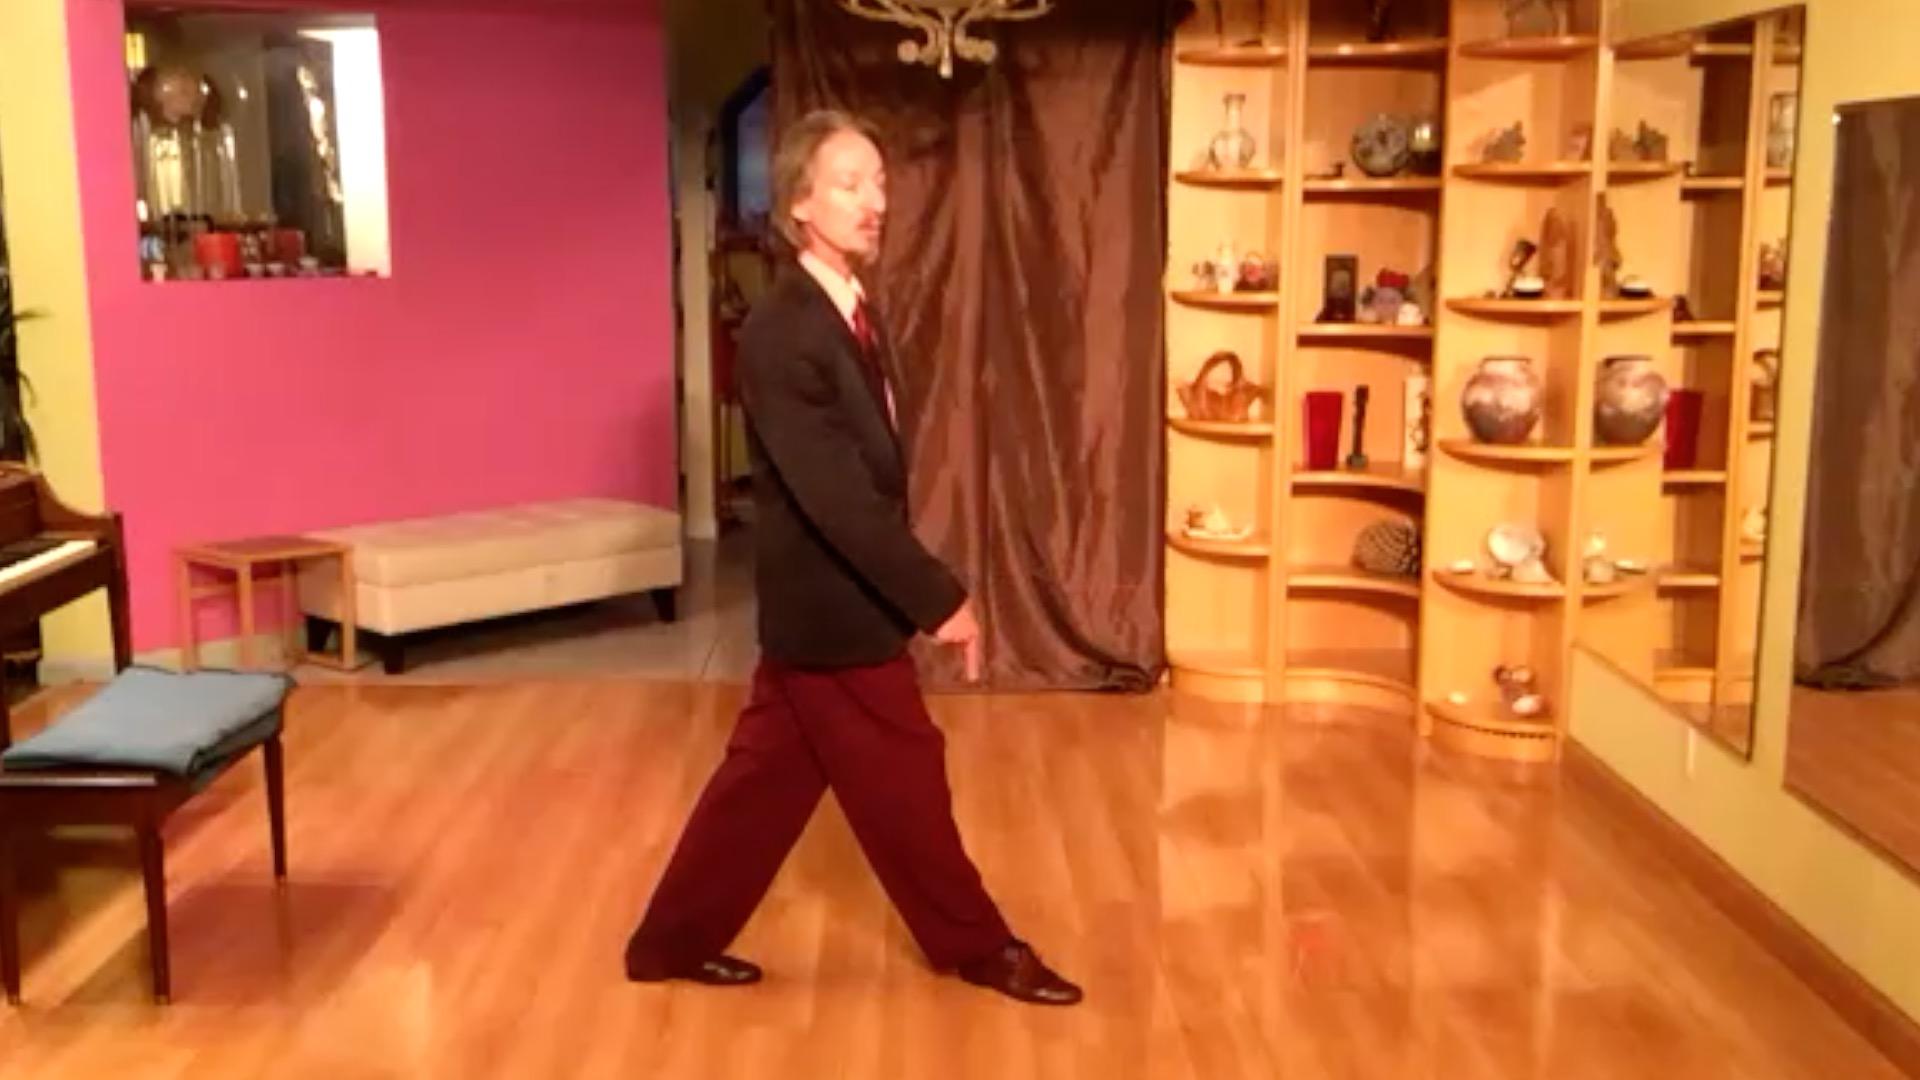 Argentine Tango class: pendulum exercise